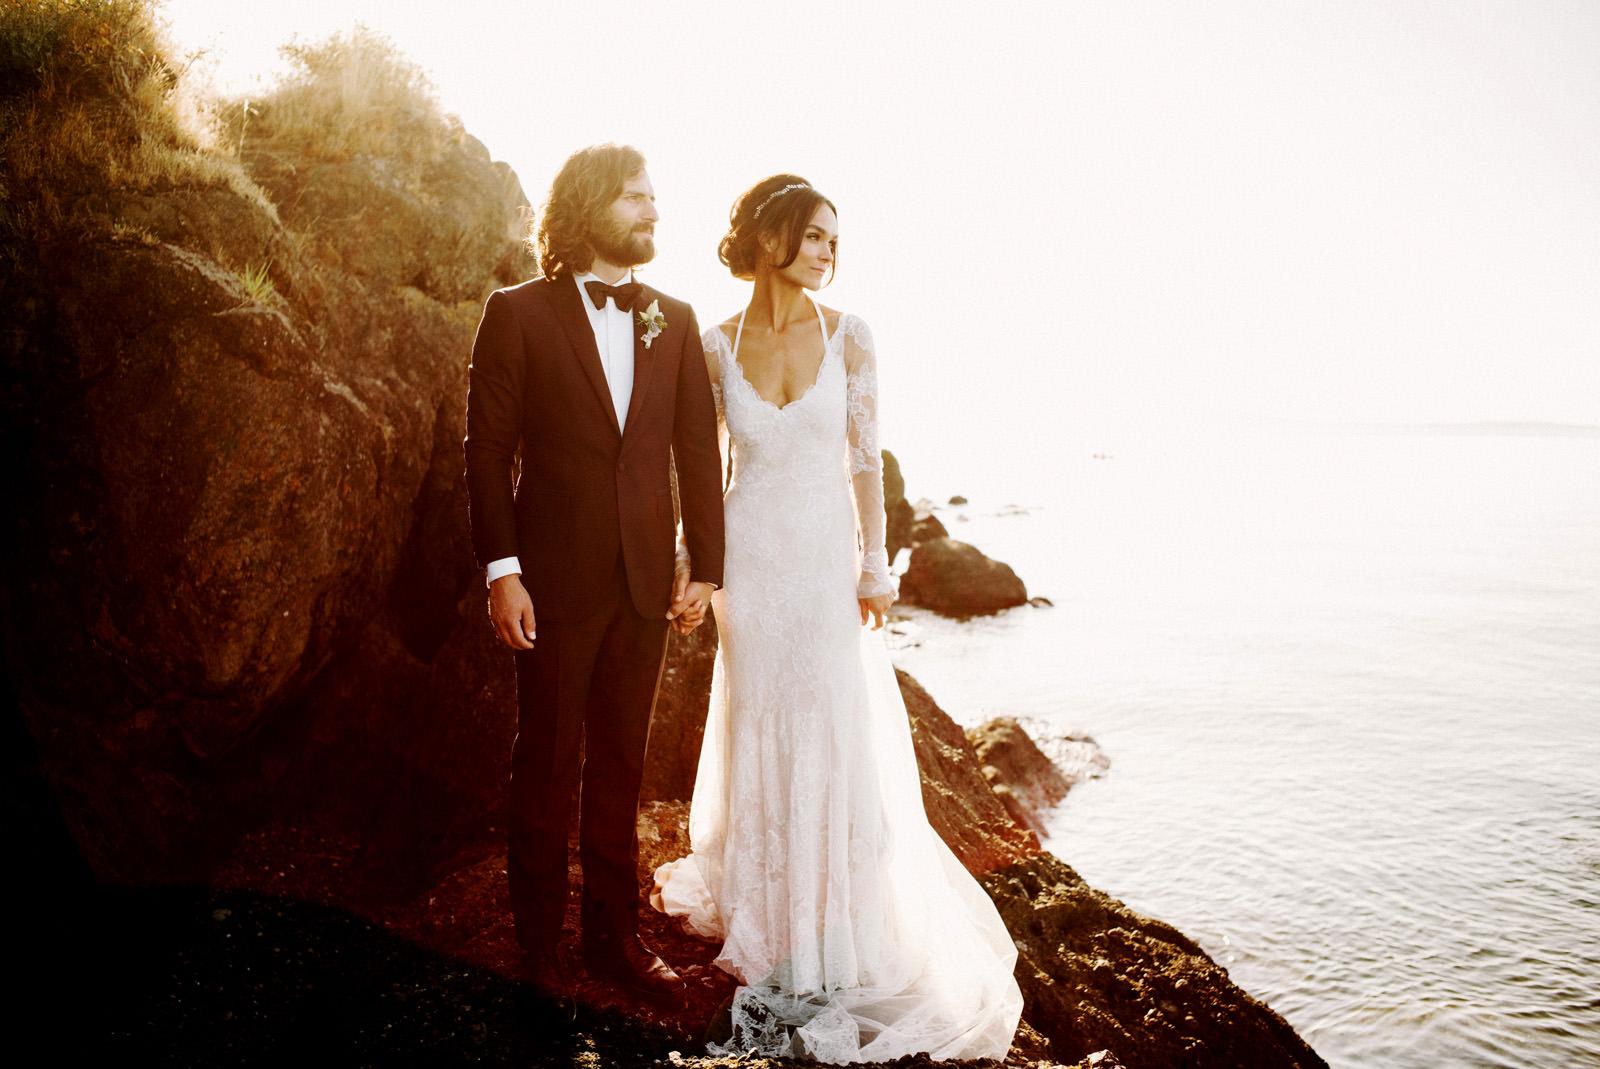 kaityjeff-blog-089 ORCAS ISLAND WEDDING